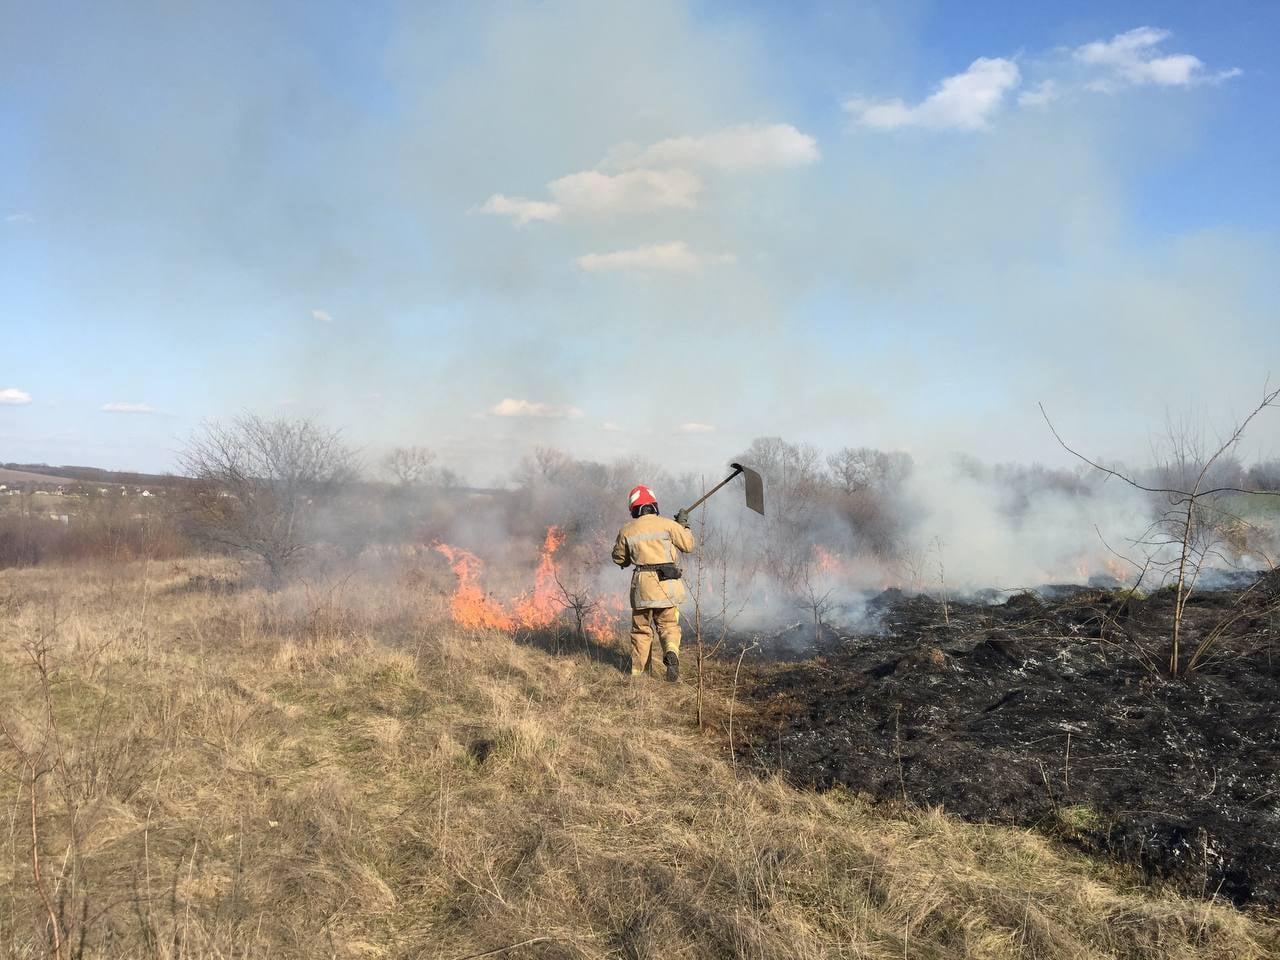 На вихідних буковинці спалювали суху траву: рятувальники ДСНС загасили 47 пожеж